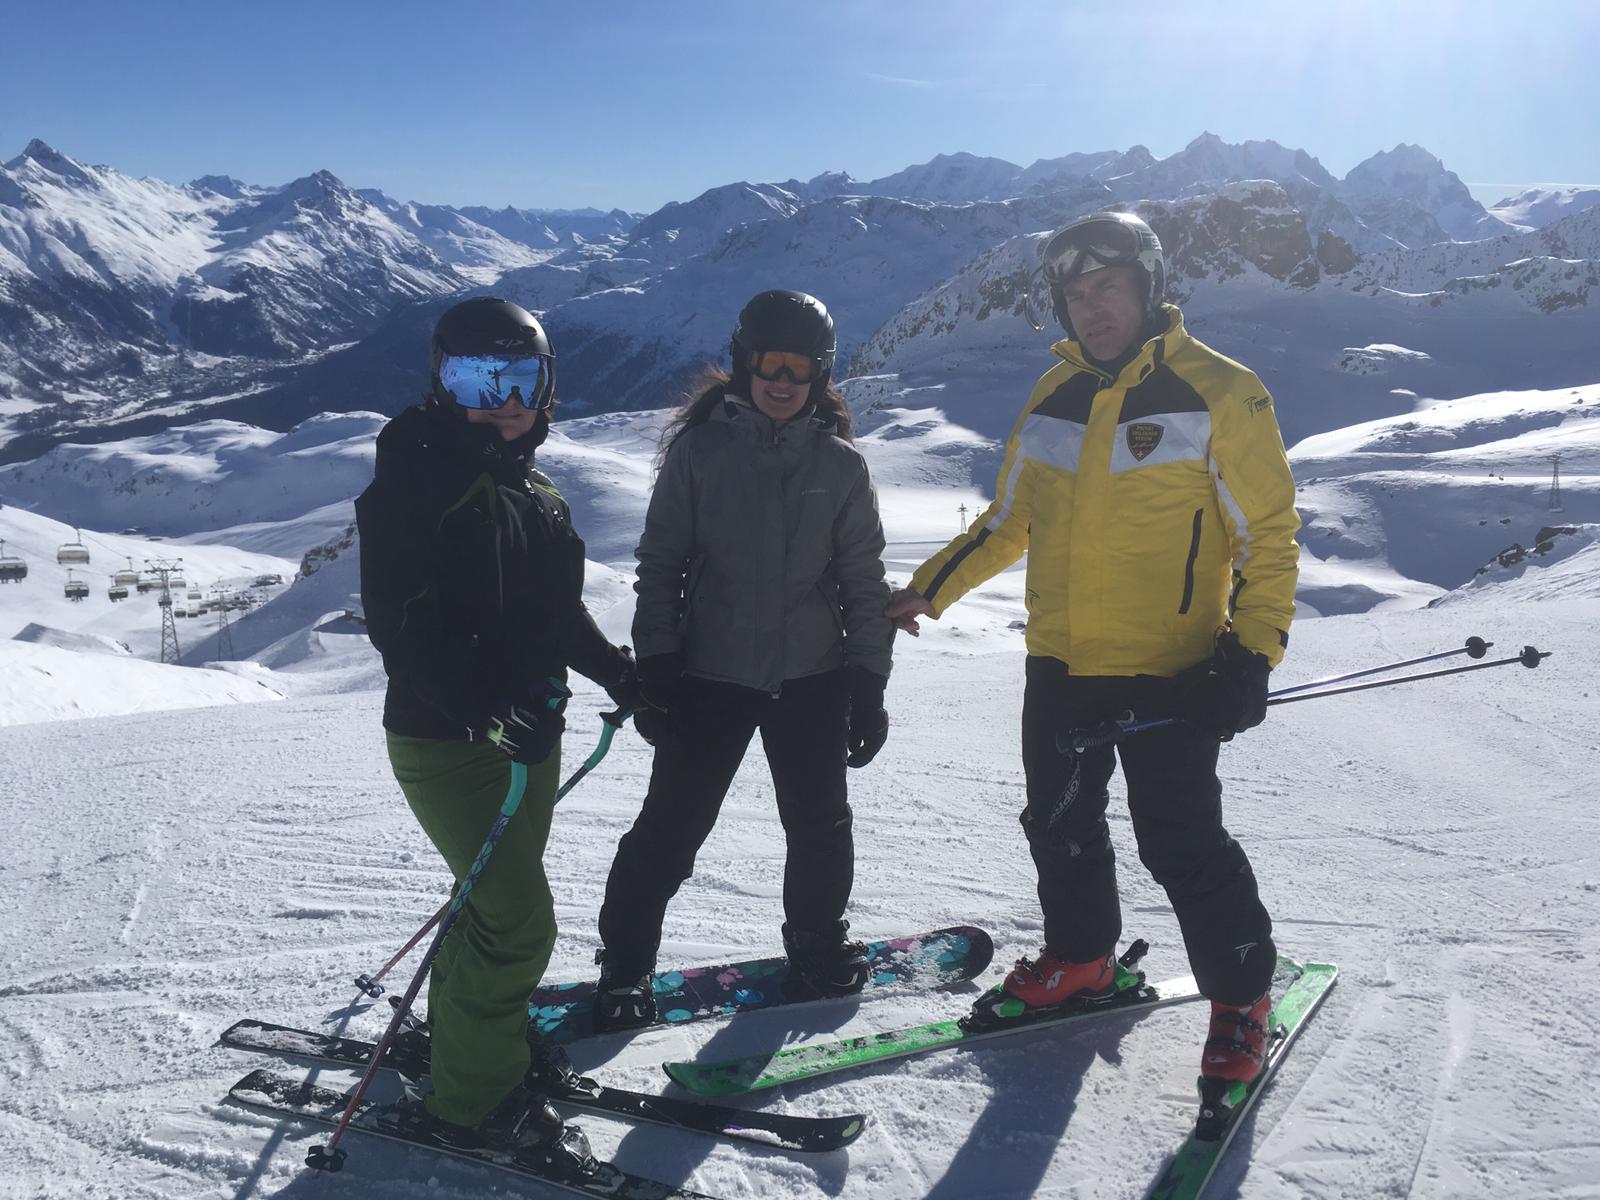 Und wieder Ski fahren oder Snowboarden am Morgen